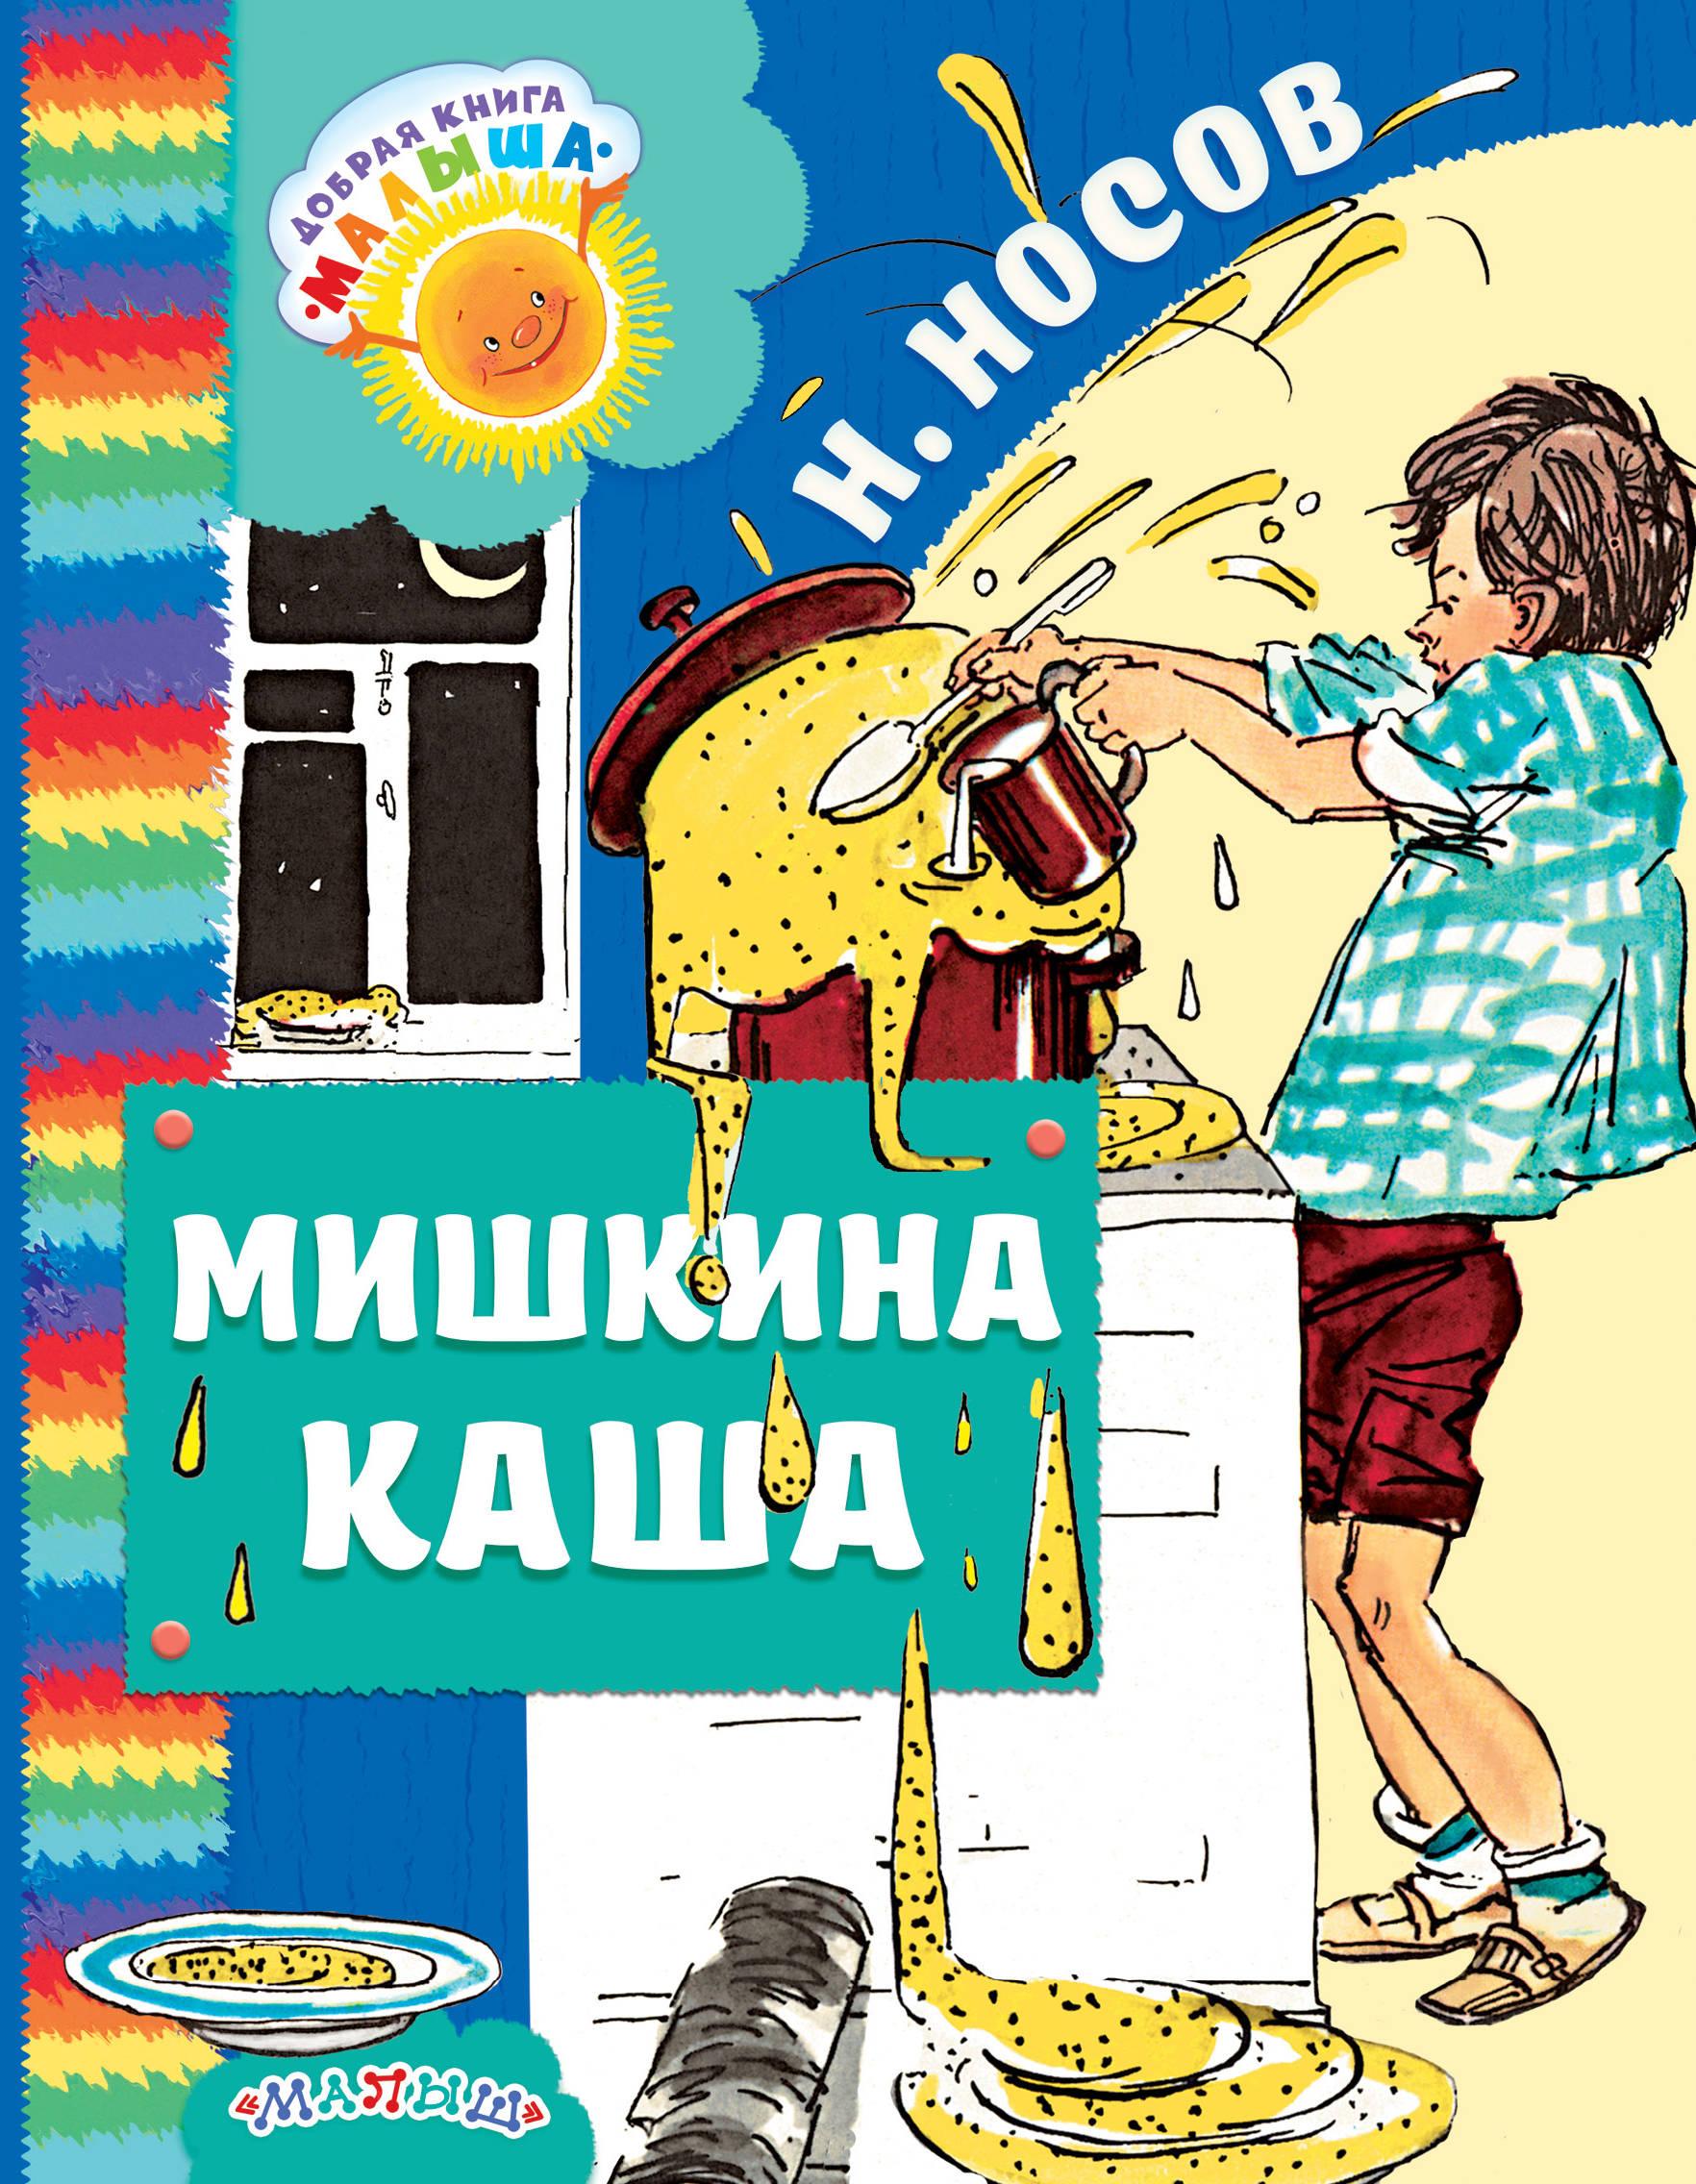 Н. Н. Носов Мишкина каша сызранова в е ред me to you мишкина книжка